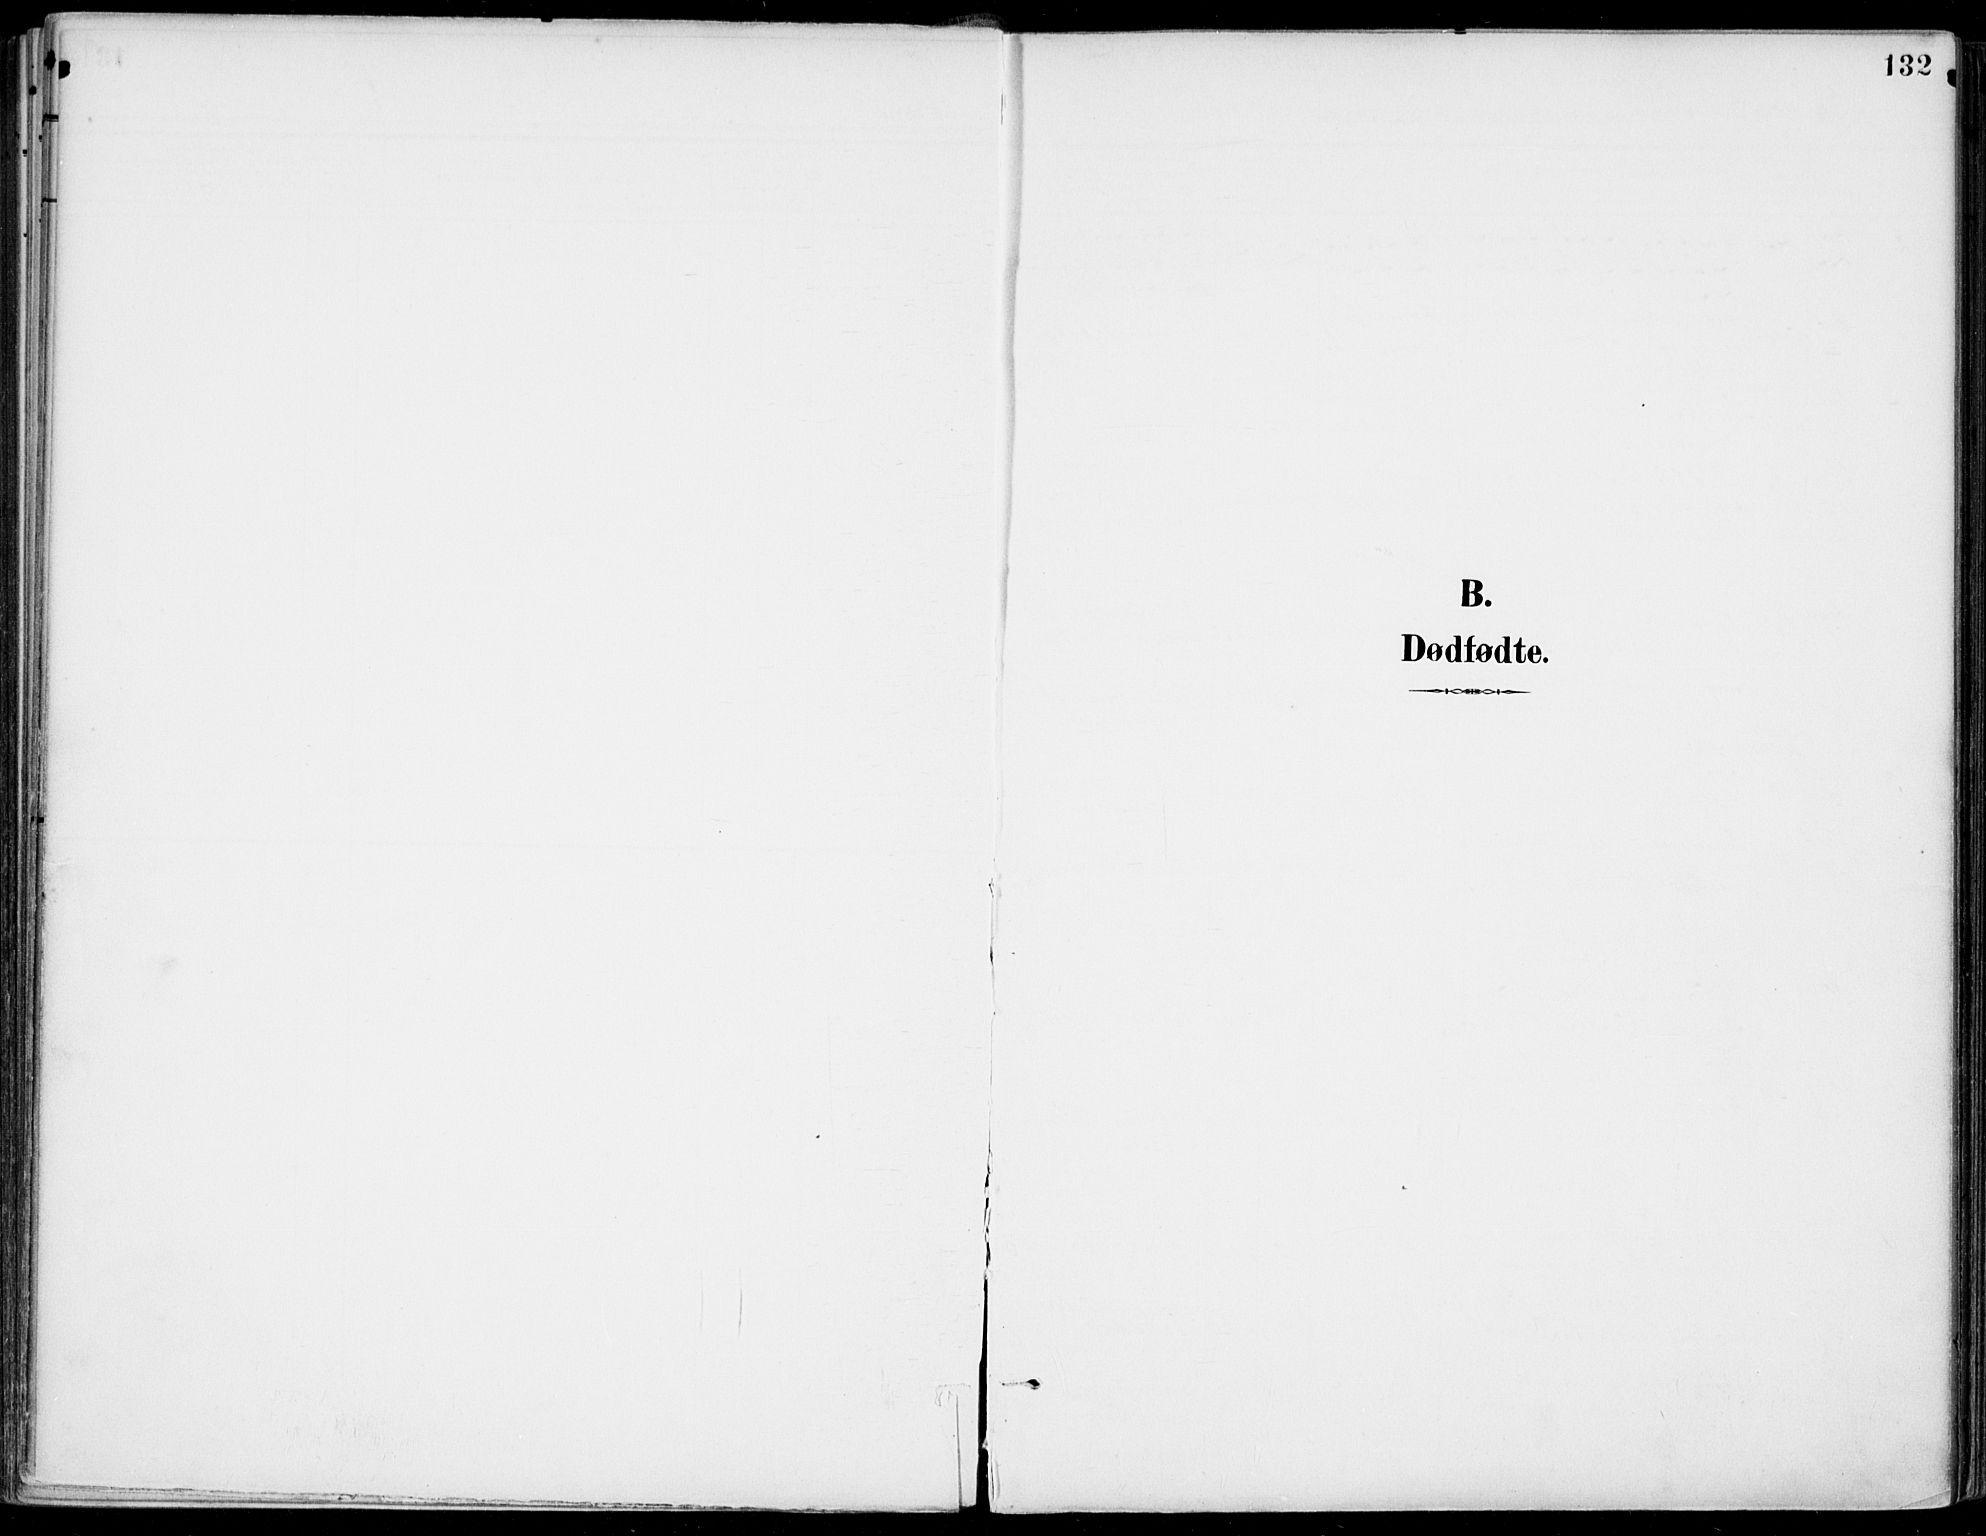 SAKO, Gjerpen kirkebøker, F/Fa/L0011: Ministerialbok nr. 11, 1896-1904, s. 132